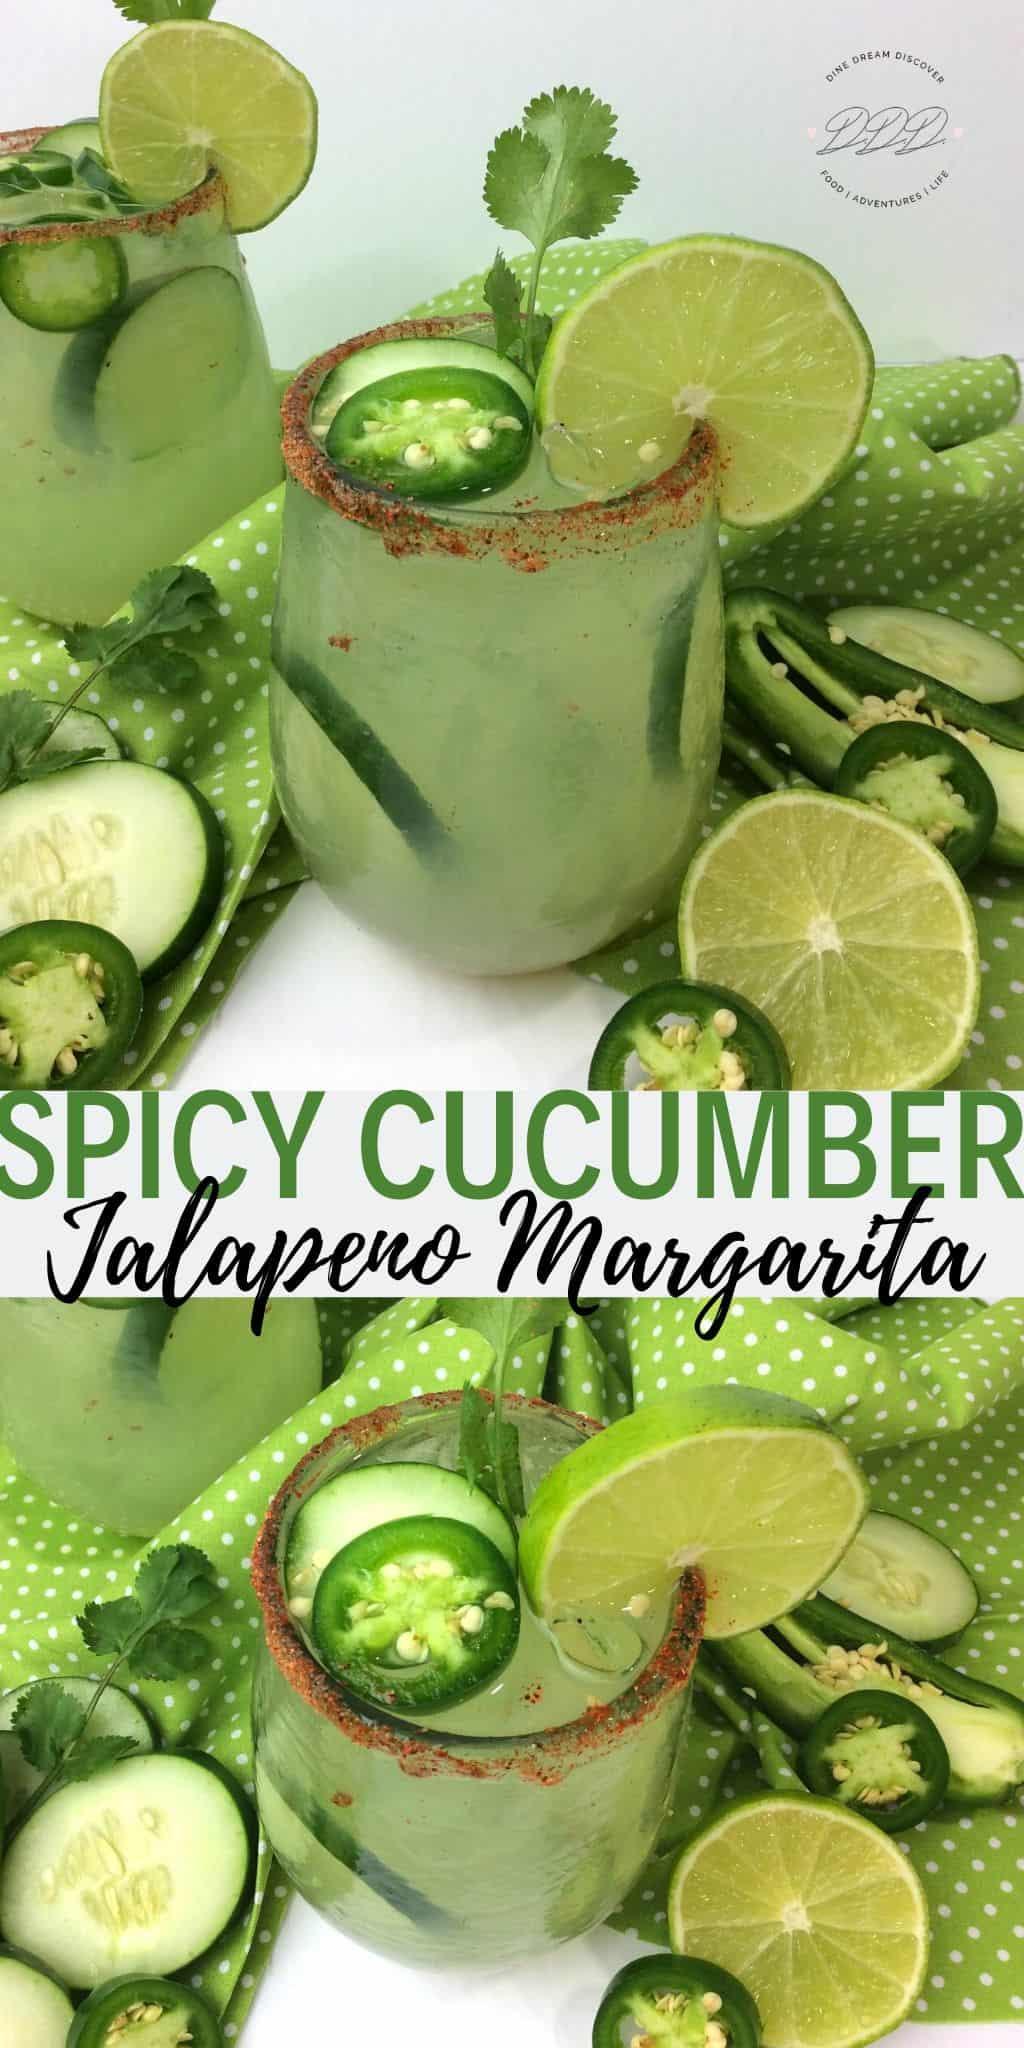 spicy cucumber jalapeno margarita recipe